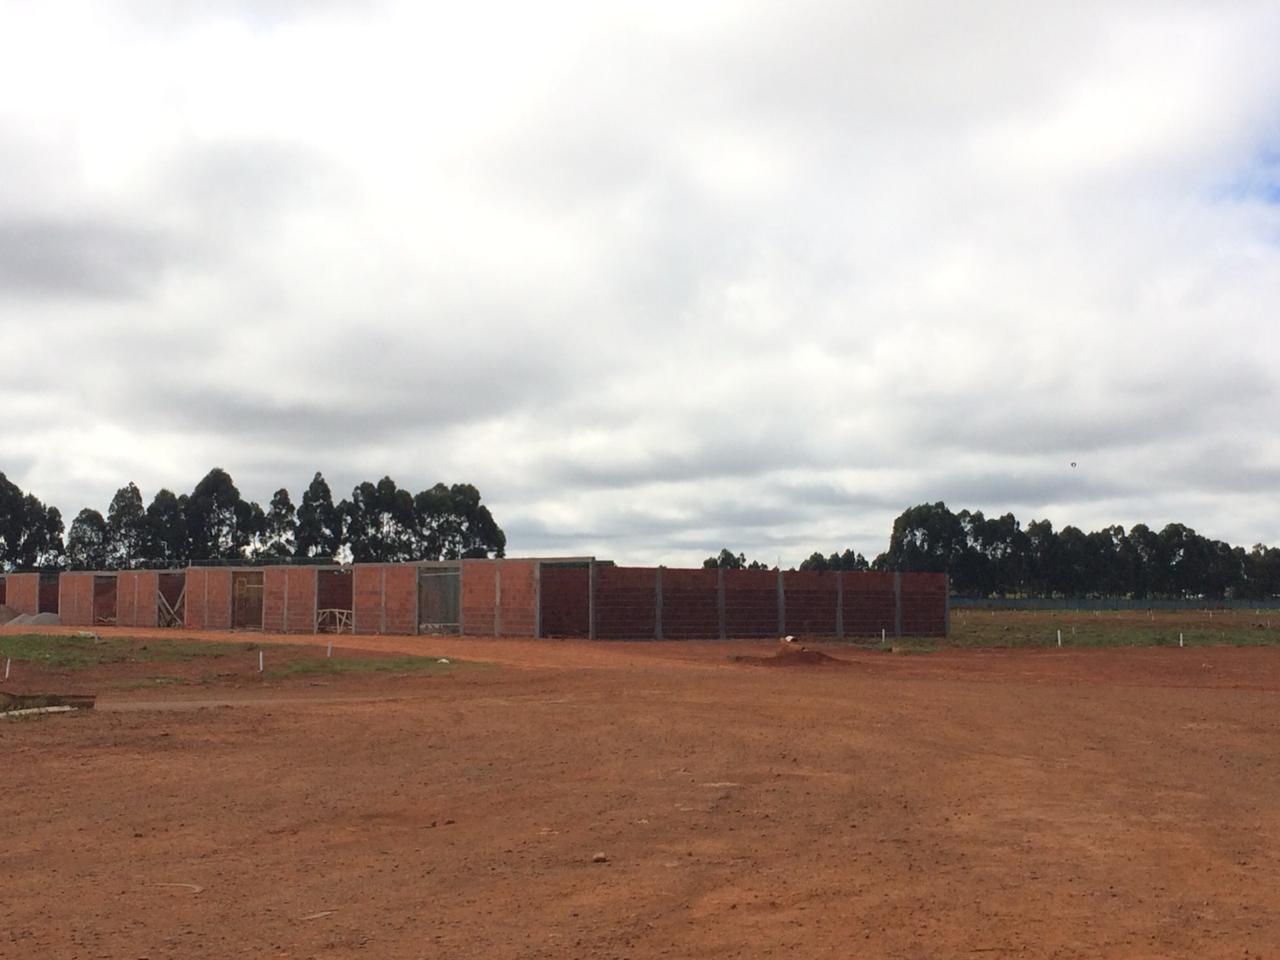 Associações e cooperativas habitacionais irão construir 300 casas no Riacho Fundo II